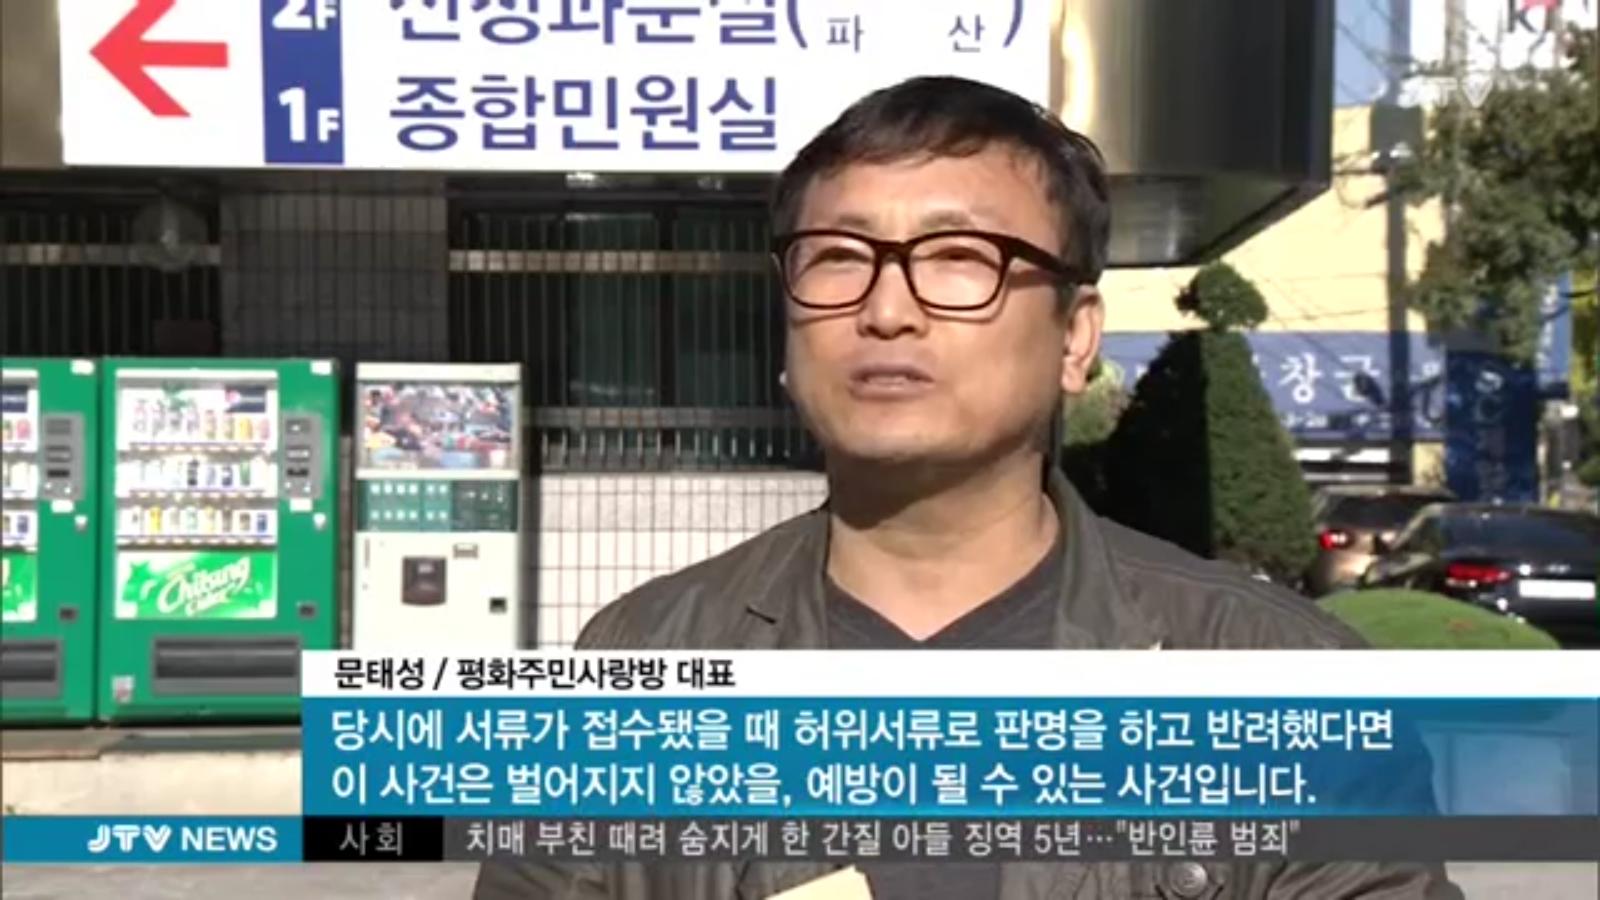 [17.11.05 JTV] 봉침목사 시설 모태인 단체도 설립부터 '엉터리'...줄줄 새는 보조금11.jpg